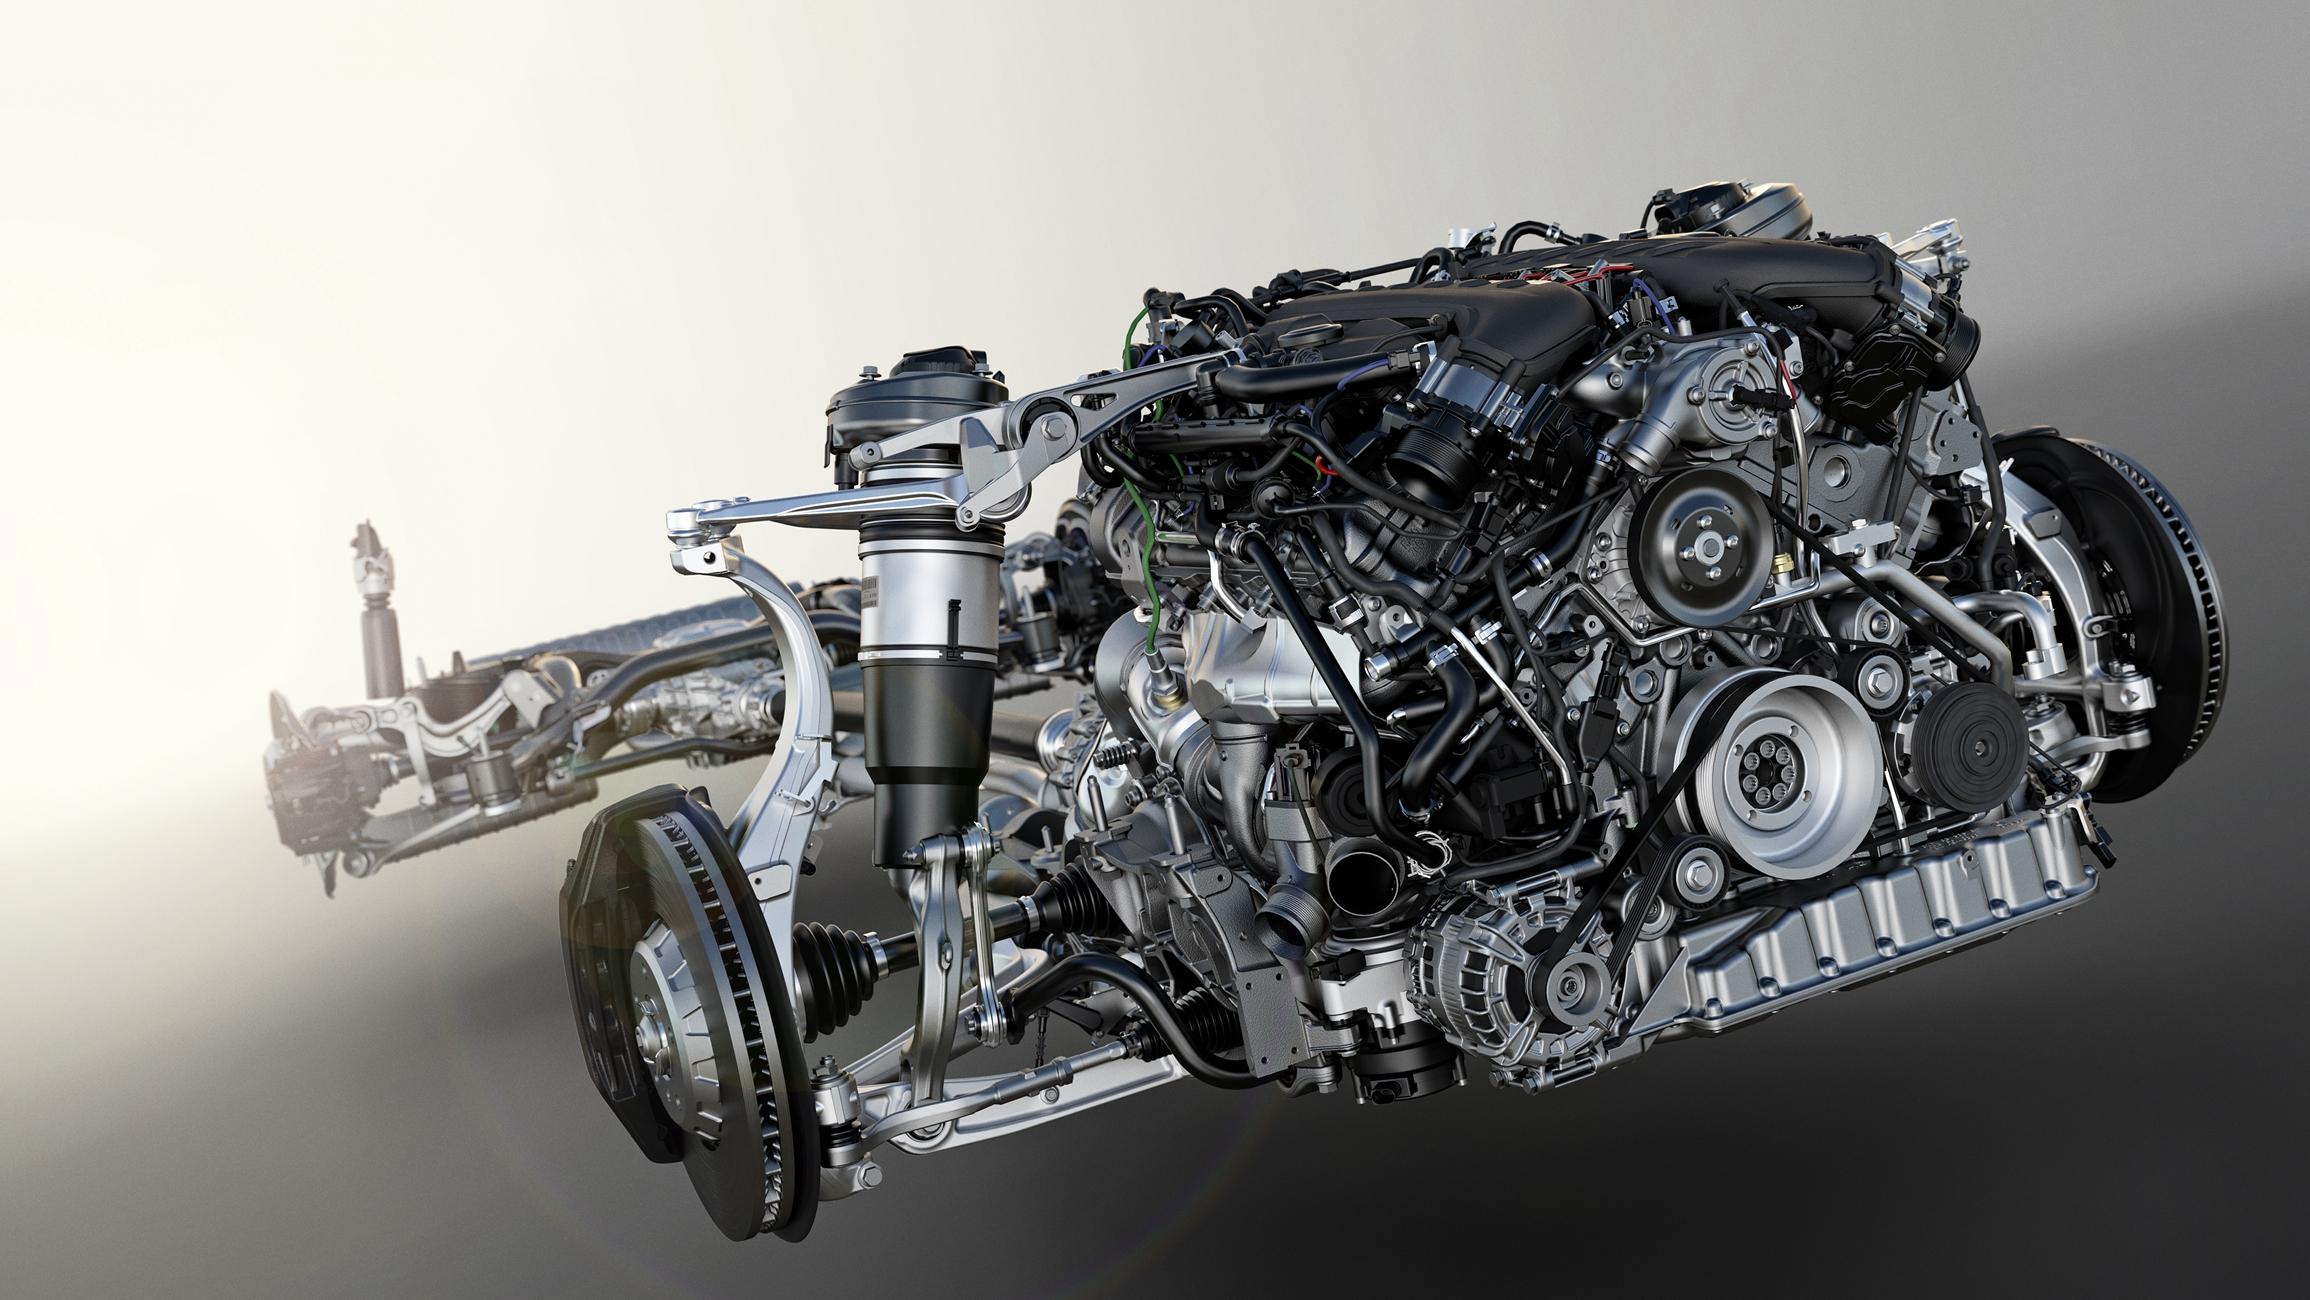 """如果W.O.宾利先生得知以他的名字命名的公司正在生产号称""""世上最快、最强大、最奢华、最高端的SUV"""",他一定会非常感兴趣。除了最初的汽油车版本,全新的宾利Bentayga还在2015年法兰克福车展上向公众展示了这一车型的柴油车版和插电式混合动力车版,并且,这两个版本都已""""列入生产日程表""""。"""